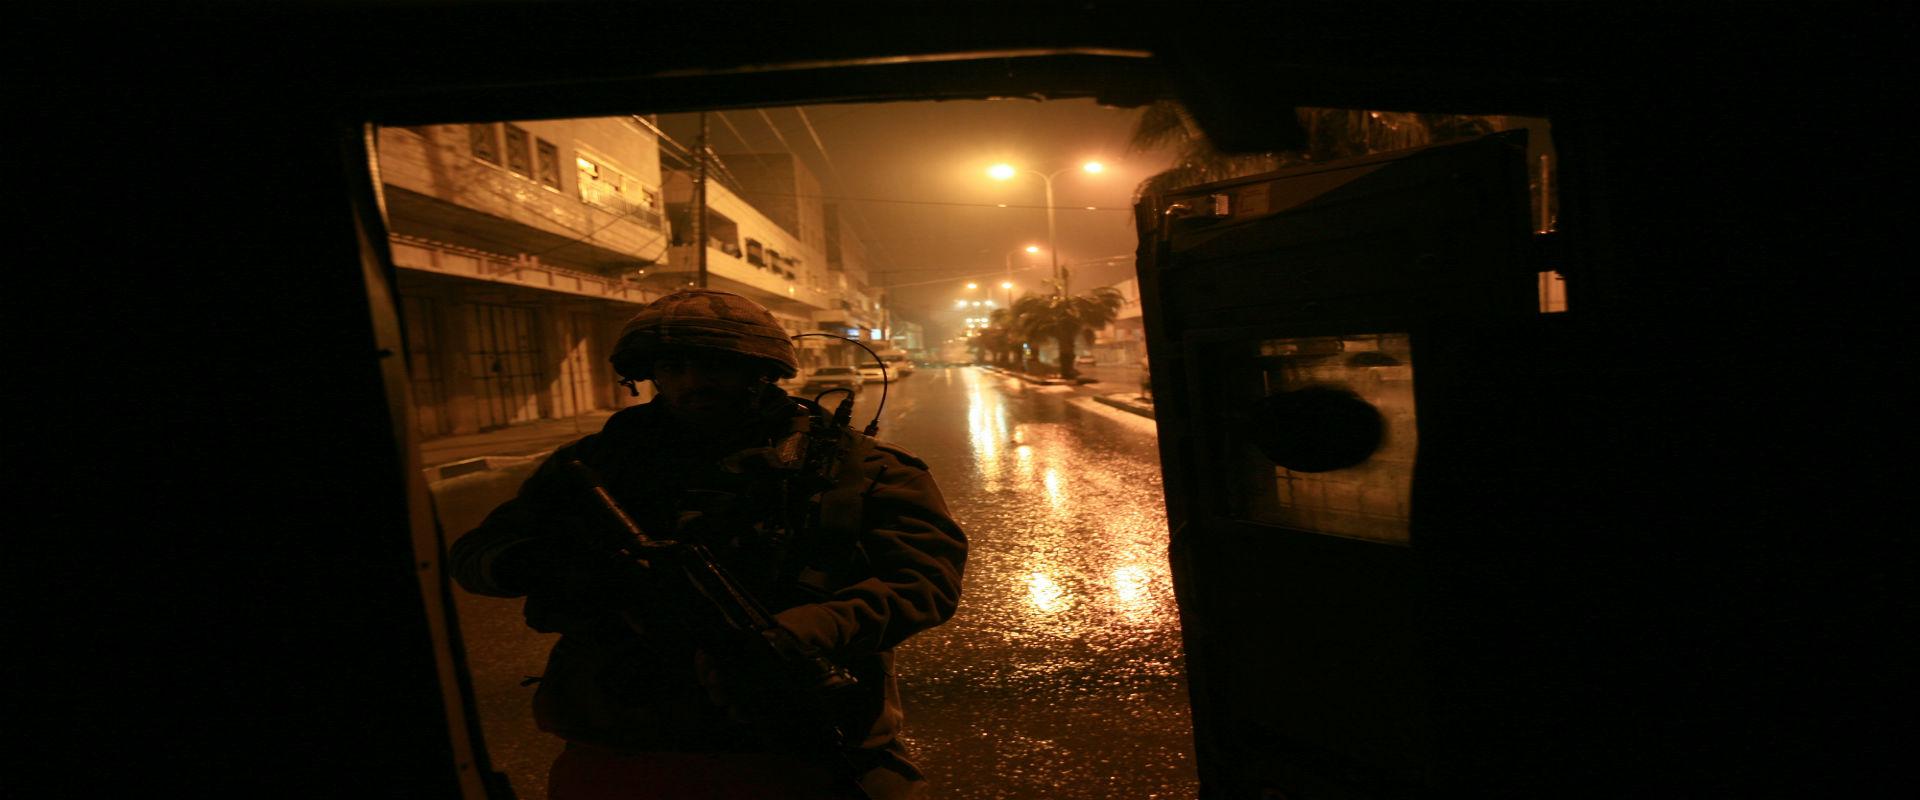 """חייל צה""""ל בפשיטה על בתים של אנשי חמאס בחברון, 2008"""